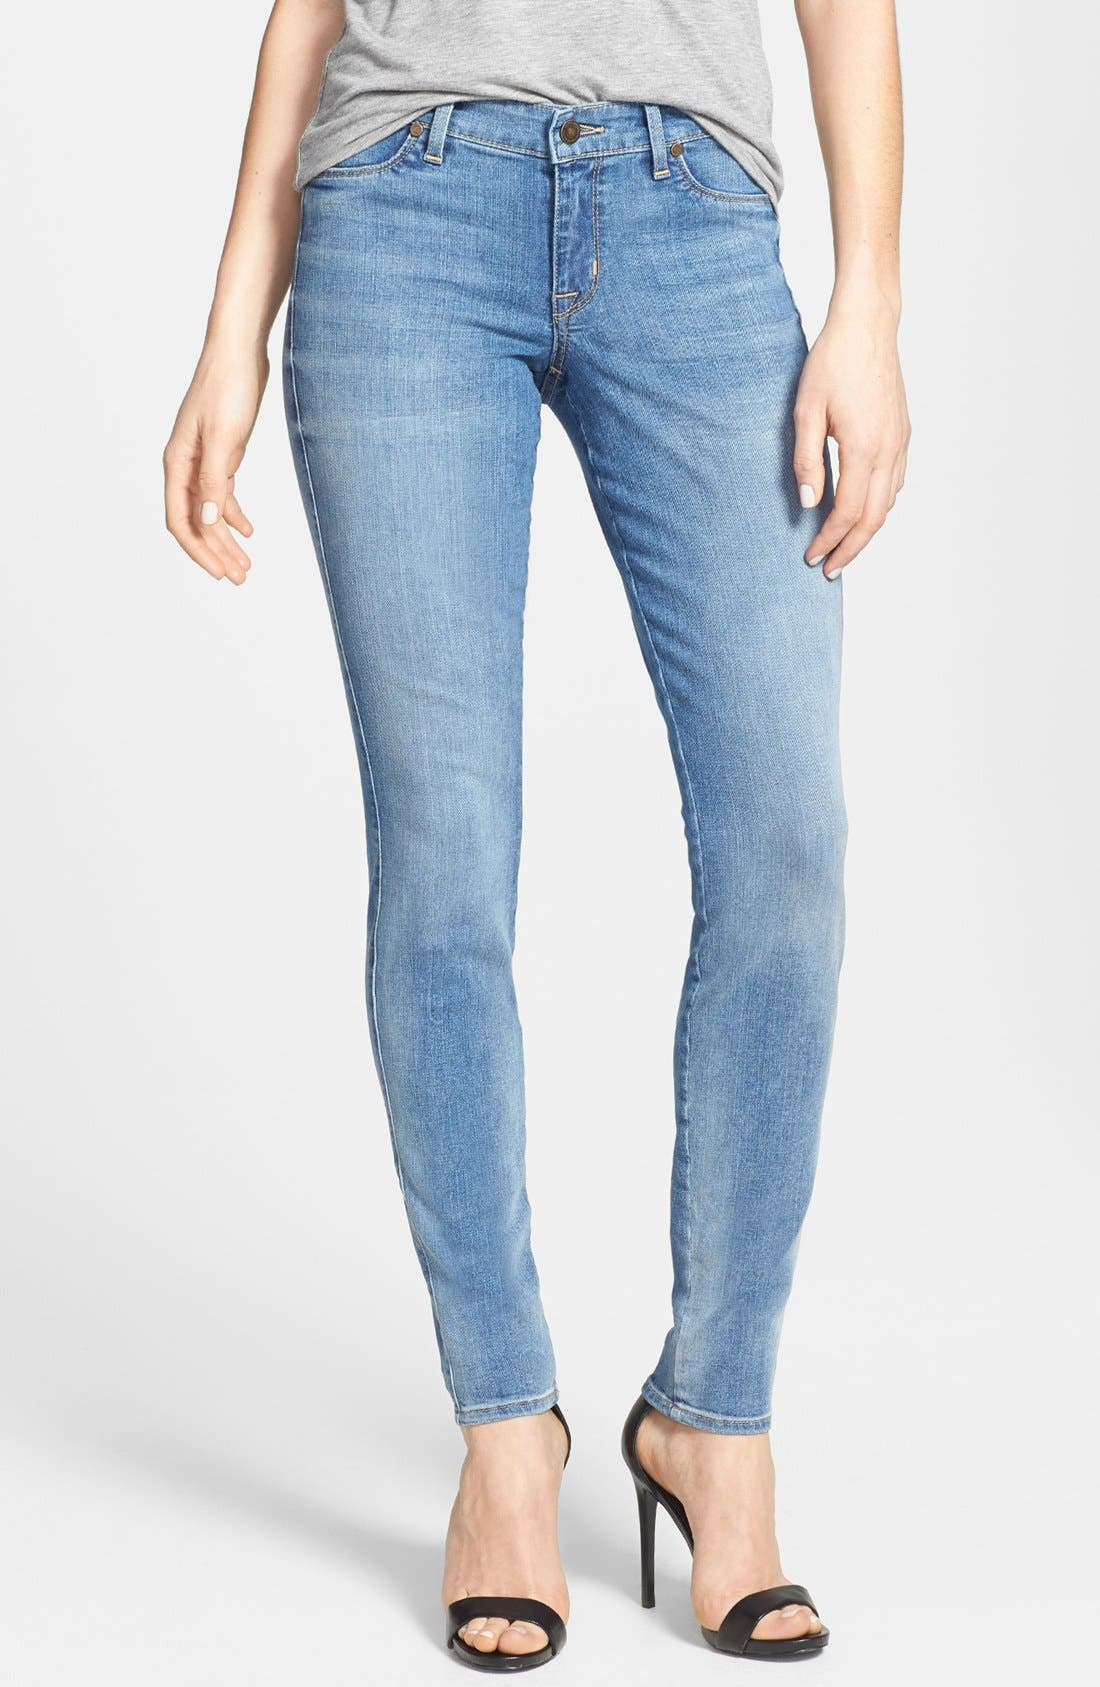 Main Image - CJ by Cookie Johnson 'Joy' Stretch Skinny Jeans (Syreeta)